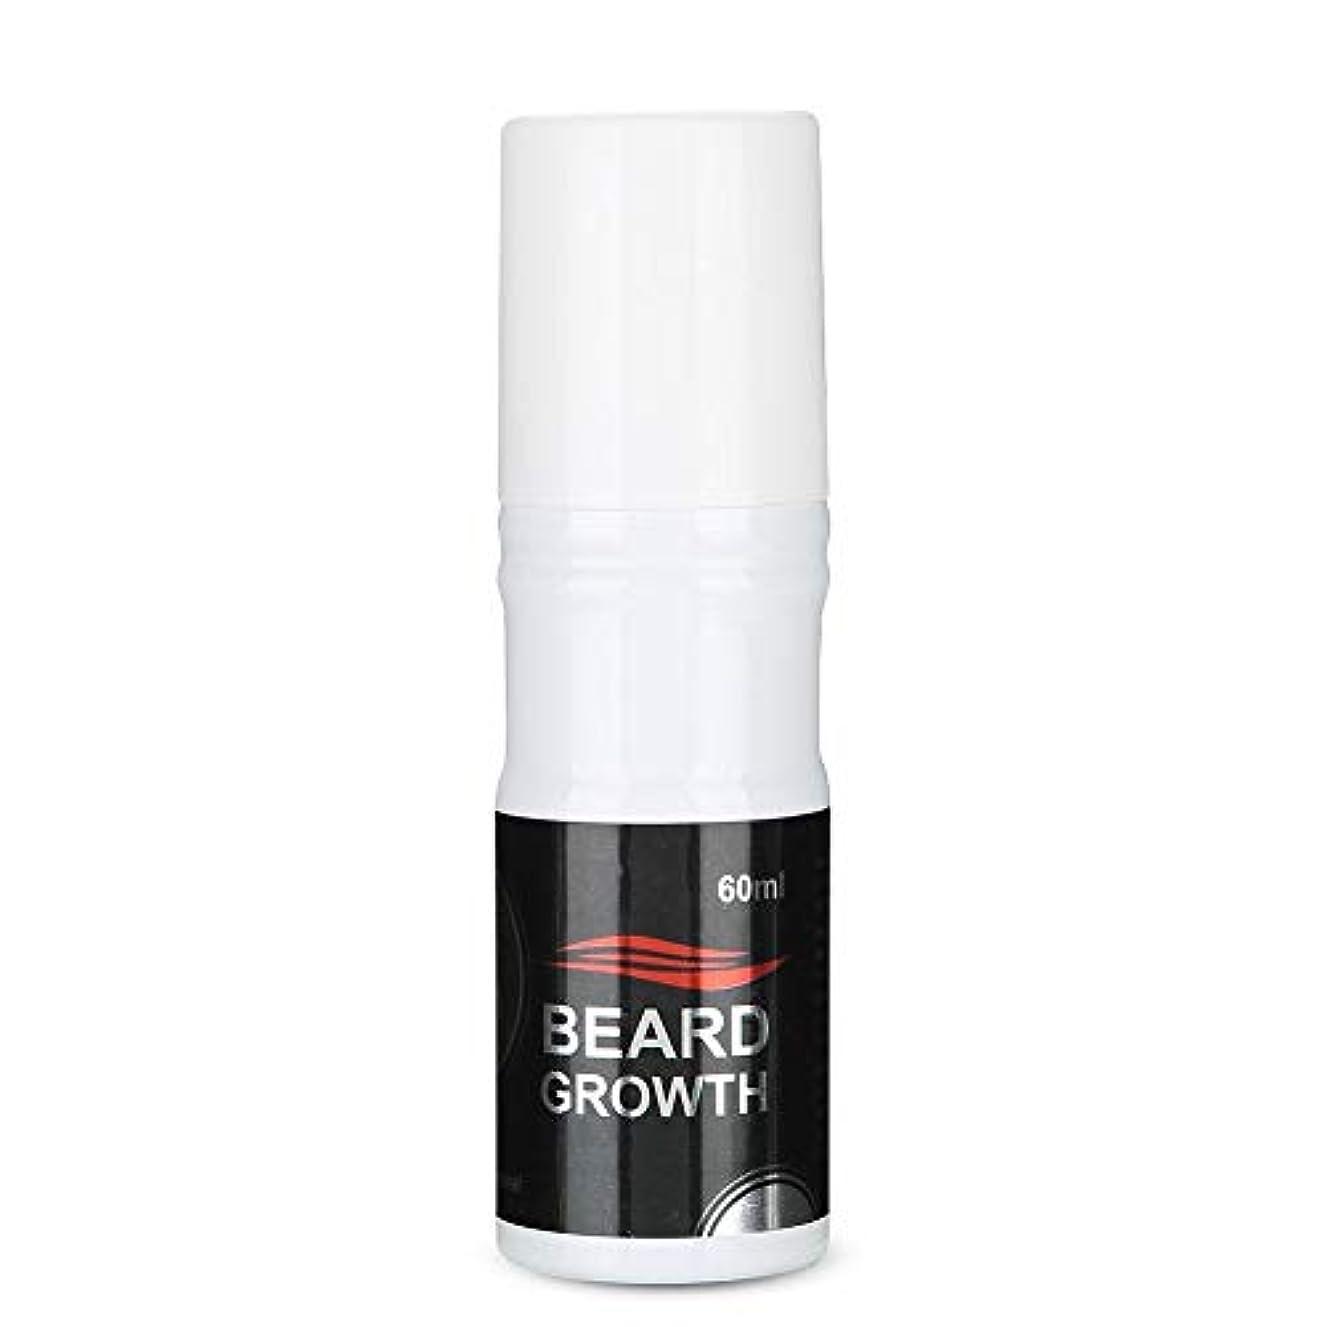 寛解おとなしいブロックするSemme 60ml男性のひげの成長のスプレー、より厚いのための自然で加速するひげの成長オイルの顔の毛の成長Lequidおよびより完全なひげ